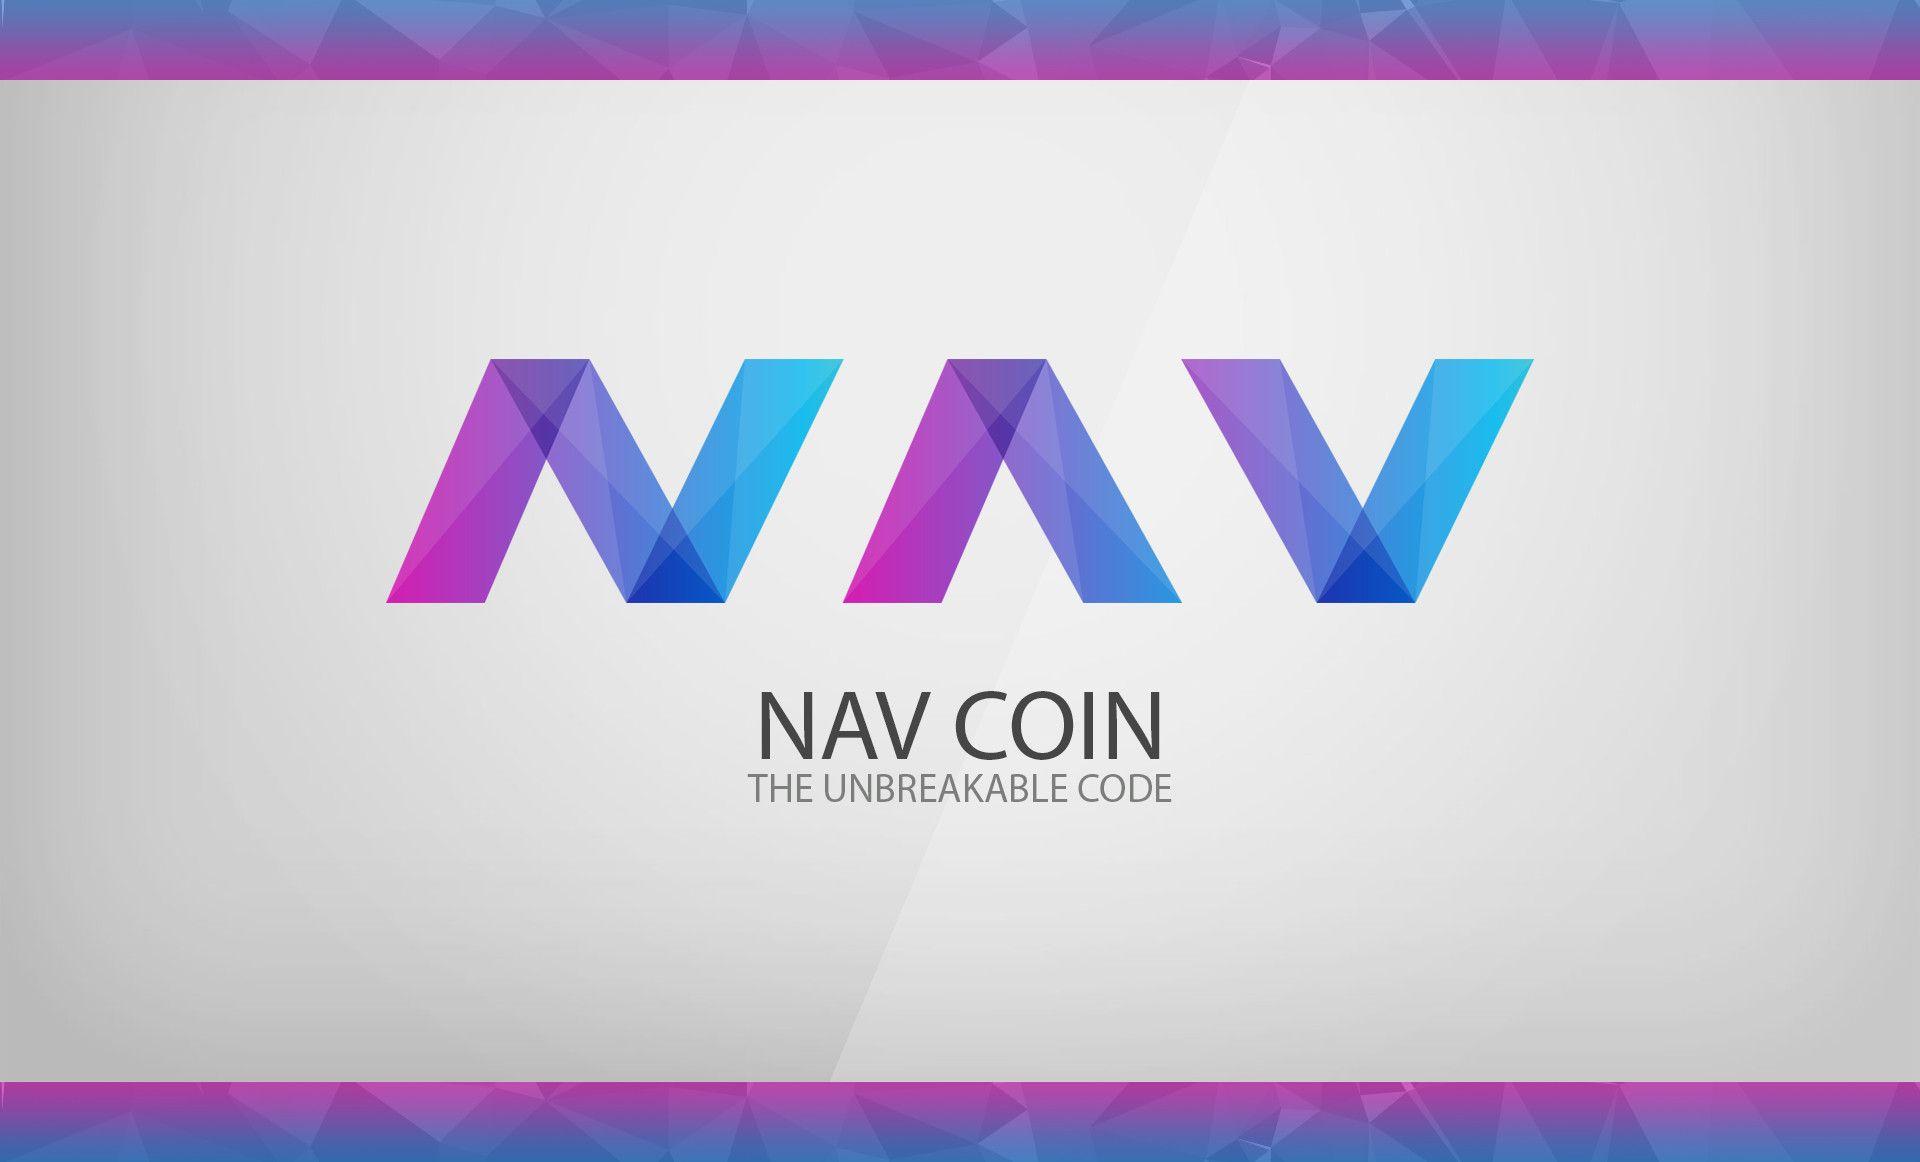 nav coin analysis